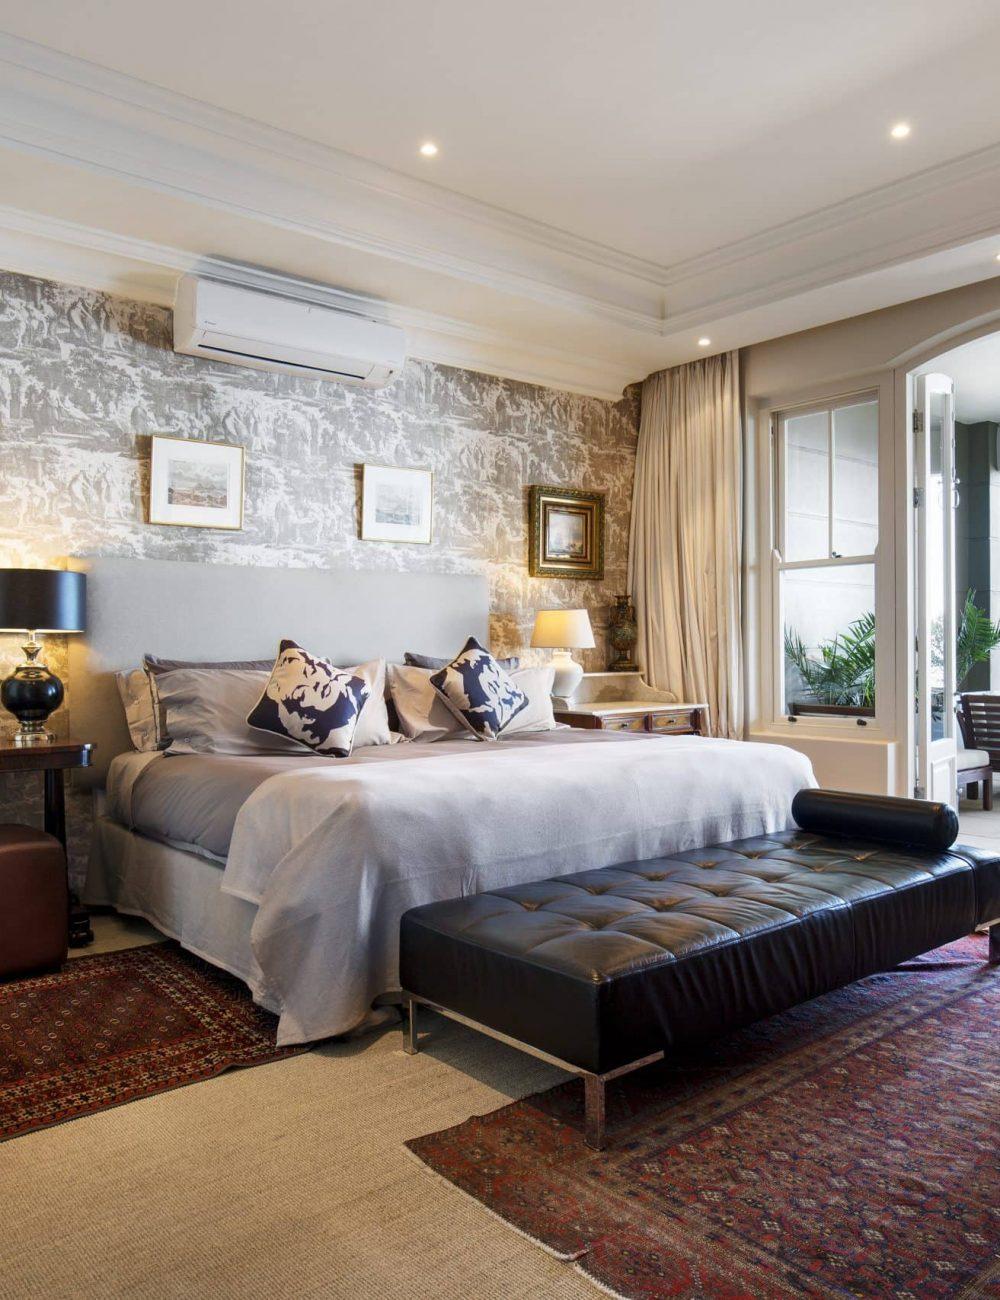 The King Room at 21 Nettleton